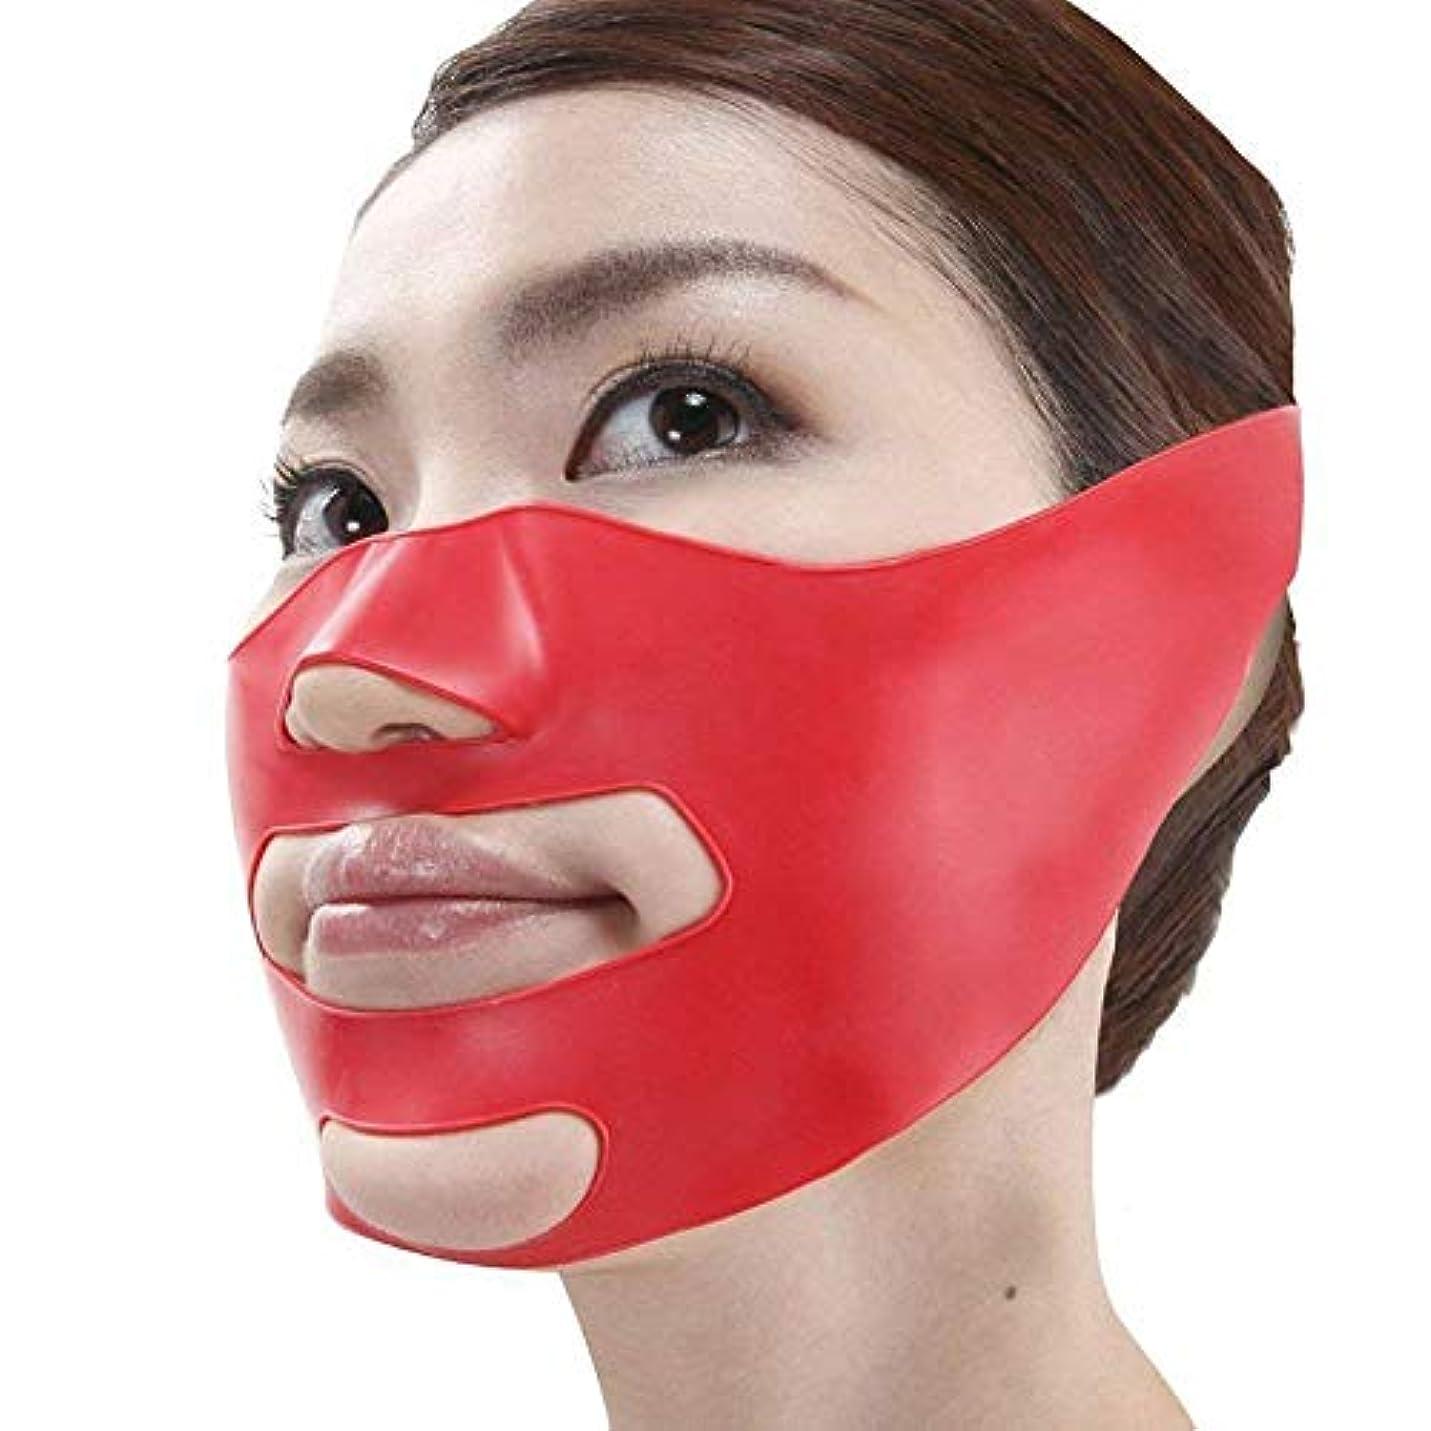 レスリングスーダン修理可能小顔矯正 マスク 小顔補正ベルト ほうれい線 リフトスリムマスク 3Dエクササイズマスク 法令線予防 抗シワ サウナマスク 美容グッ (フリーサイズ)